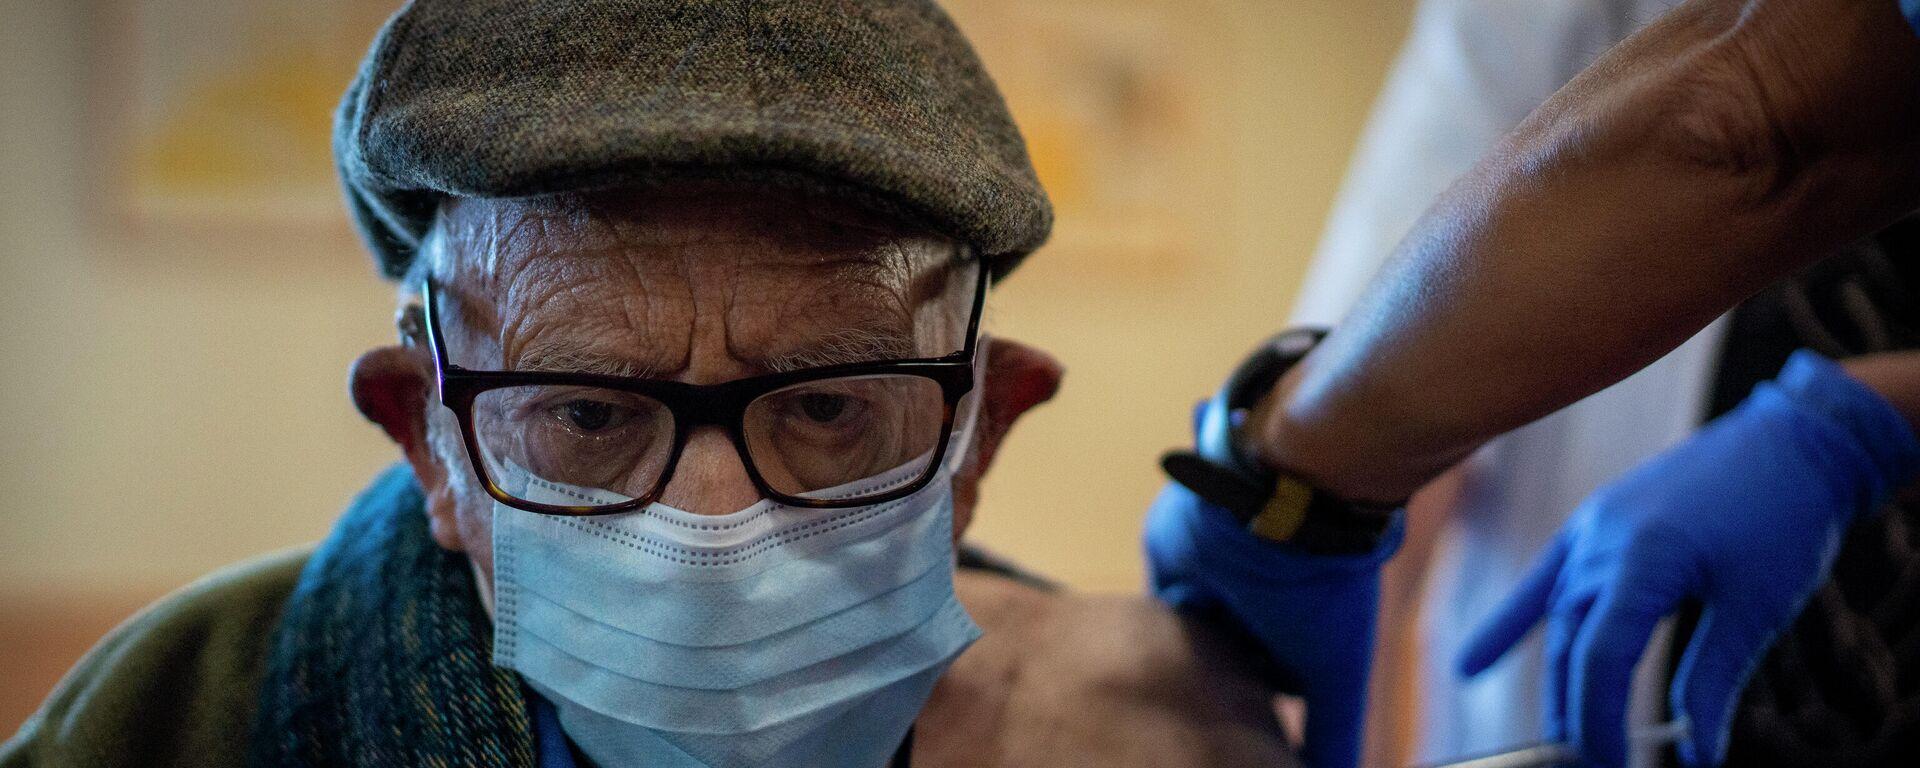 Una enfermera administra la vacuna contra el coronavirus a un anciano de una residencia en Barcelona. 2 de febrero de 2021 - Sputnik Mundo, 1920, 19.02.2021